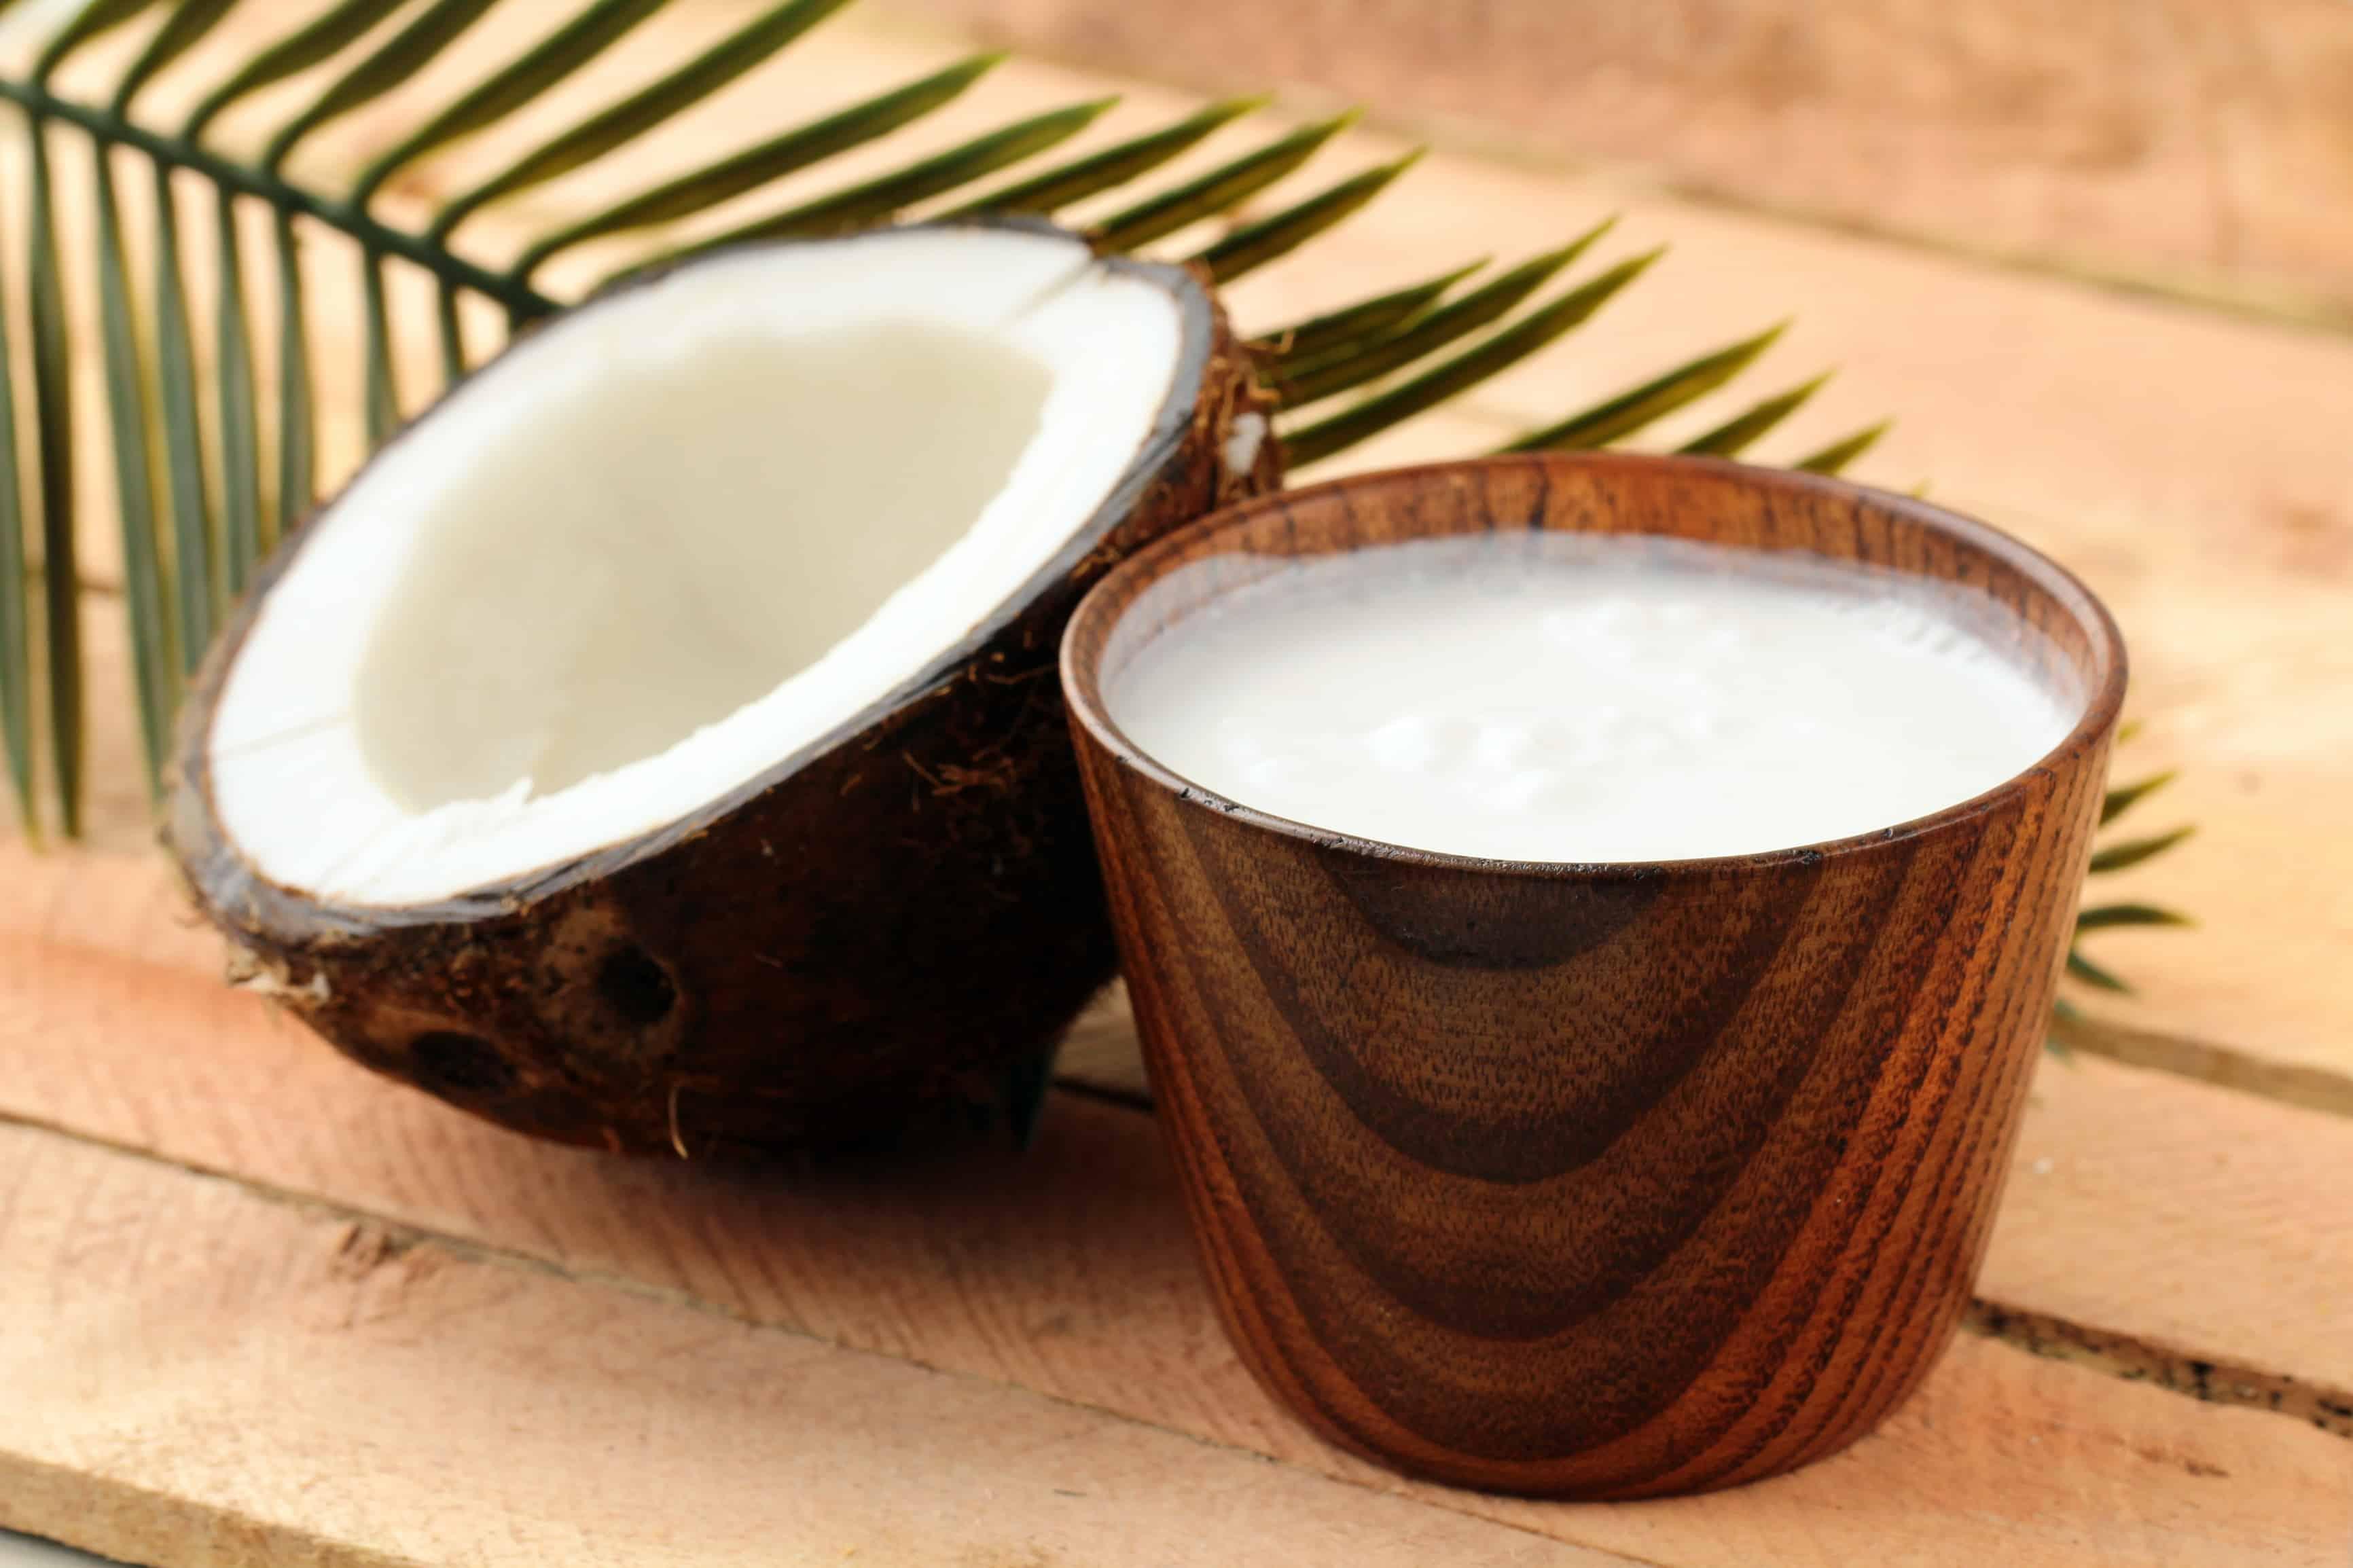 Cocout milk